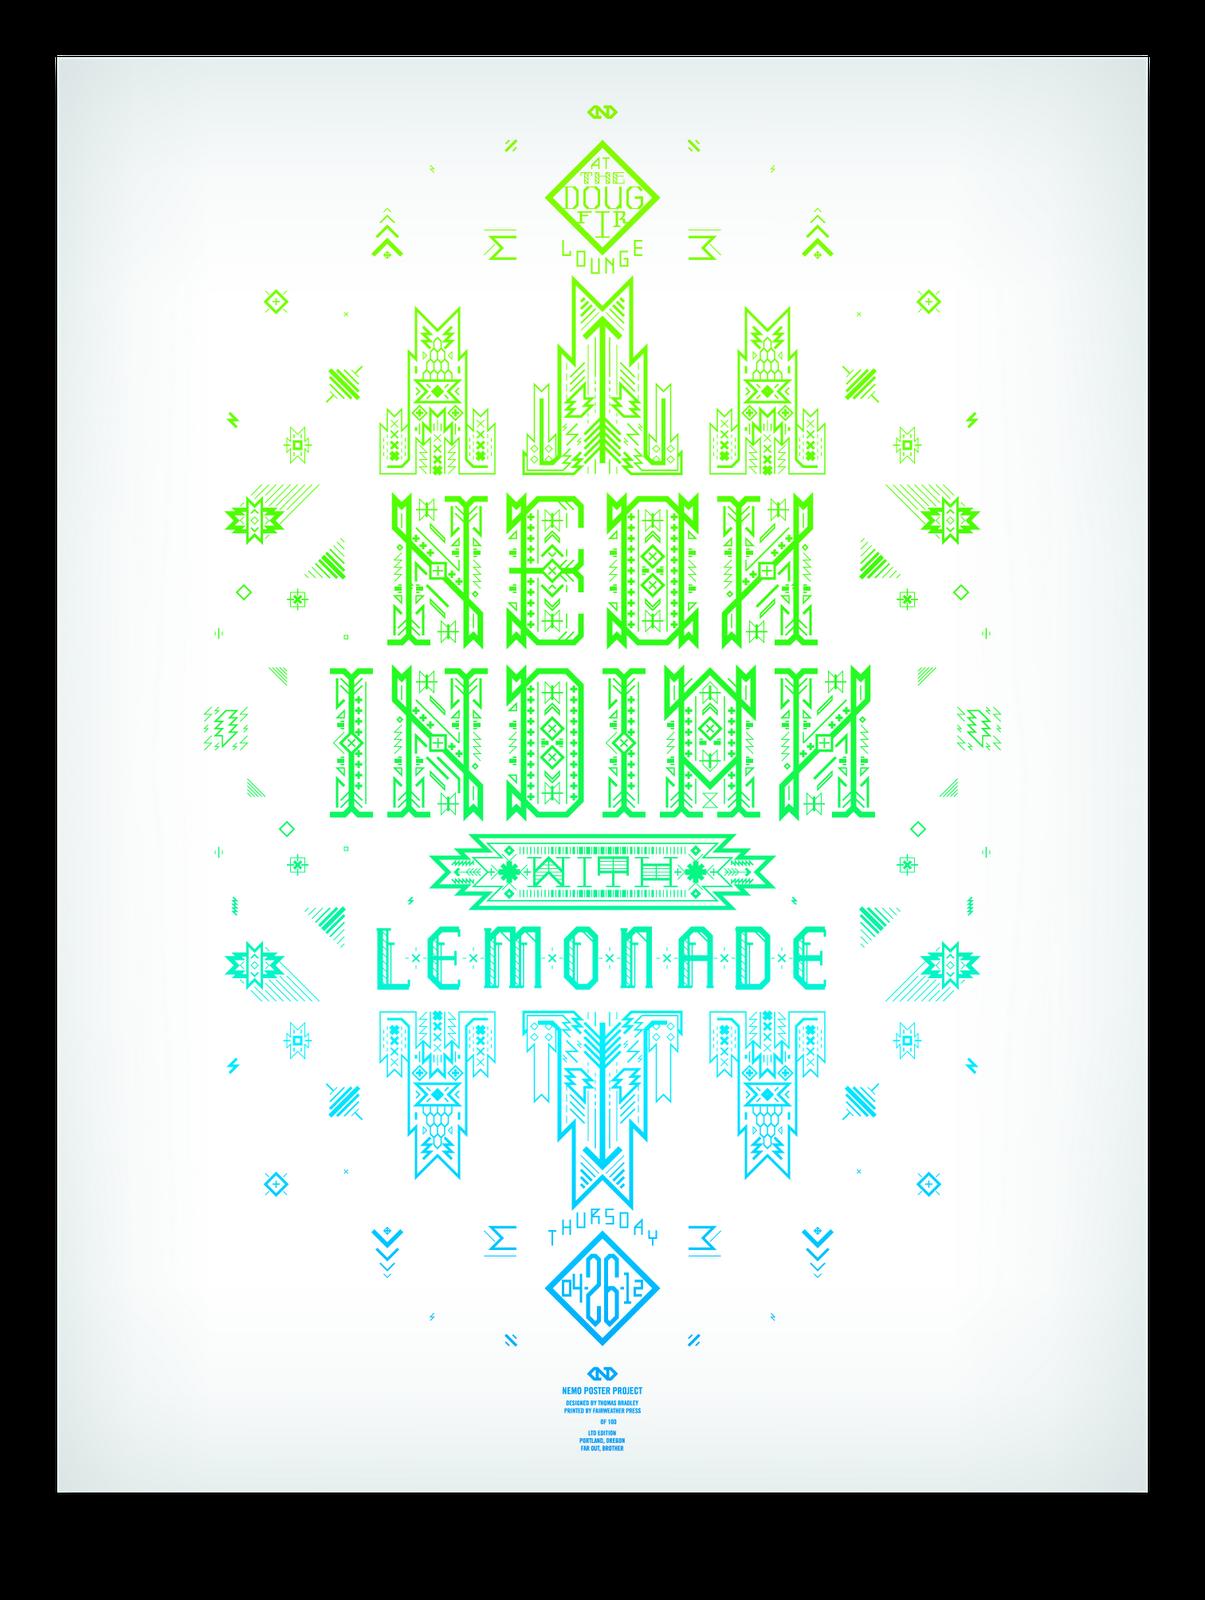 http://1.bp.blogspot.com/-ECq_muN-KNc/T5sj_DeuCuI/AAAAAAAABIw/hWs5DYnmwdY/s1600/Neon_Indian-web-comp.png